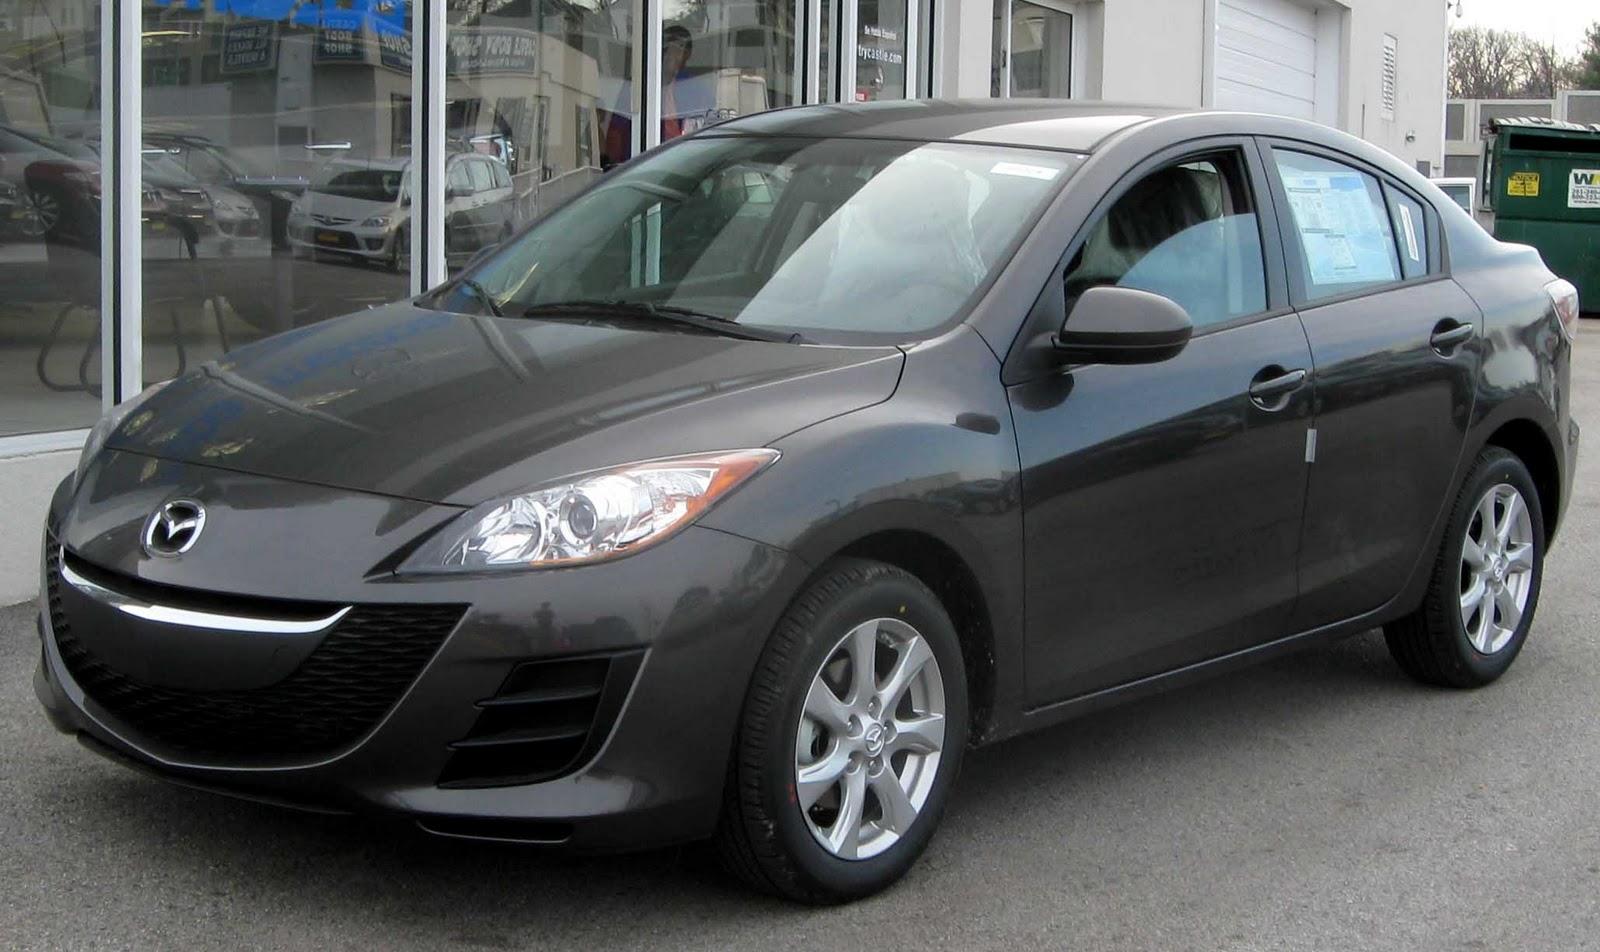 car-model-2012: Mazda 3 Sedan